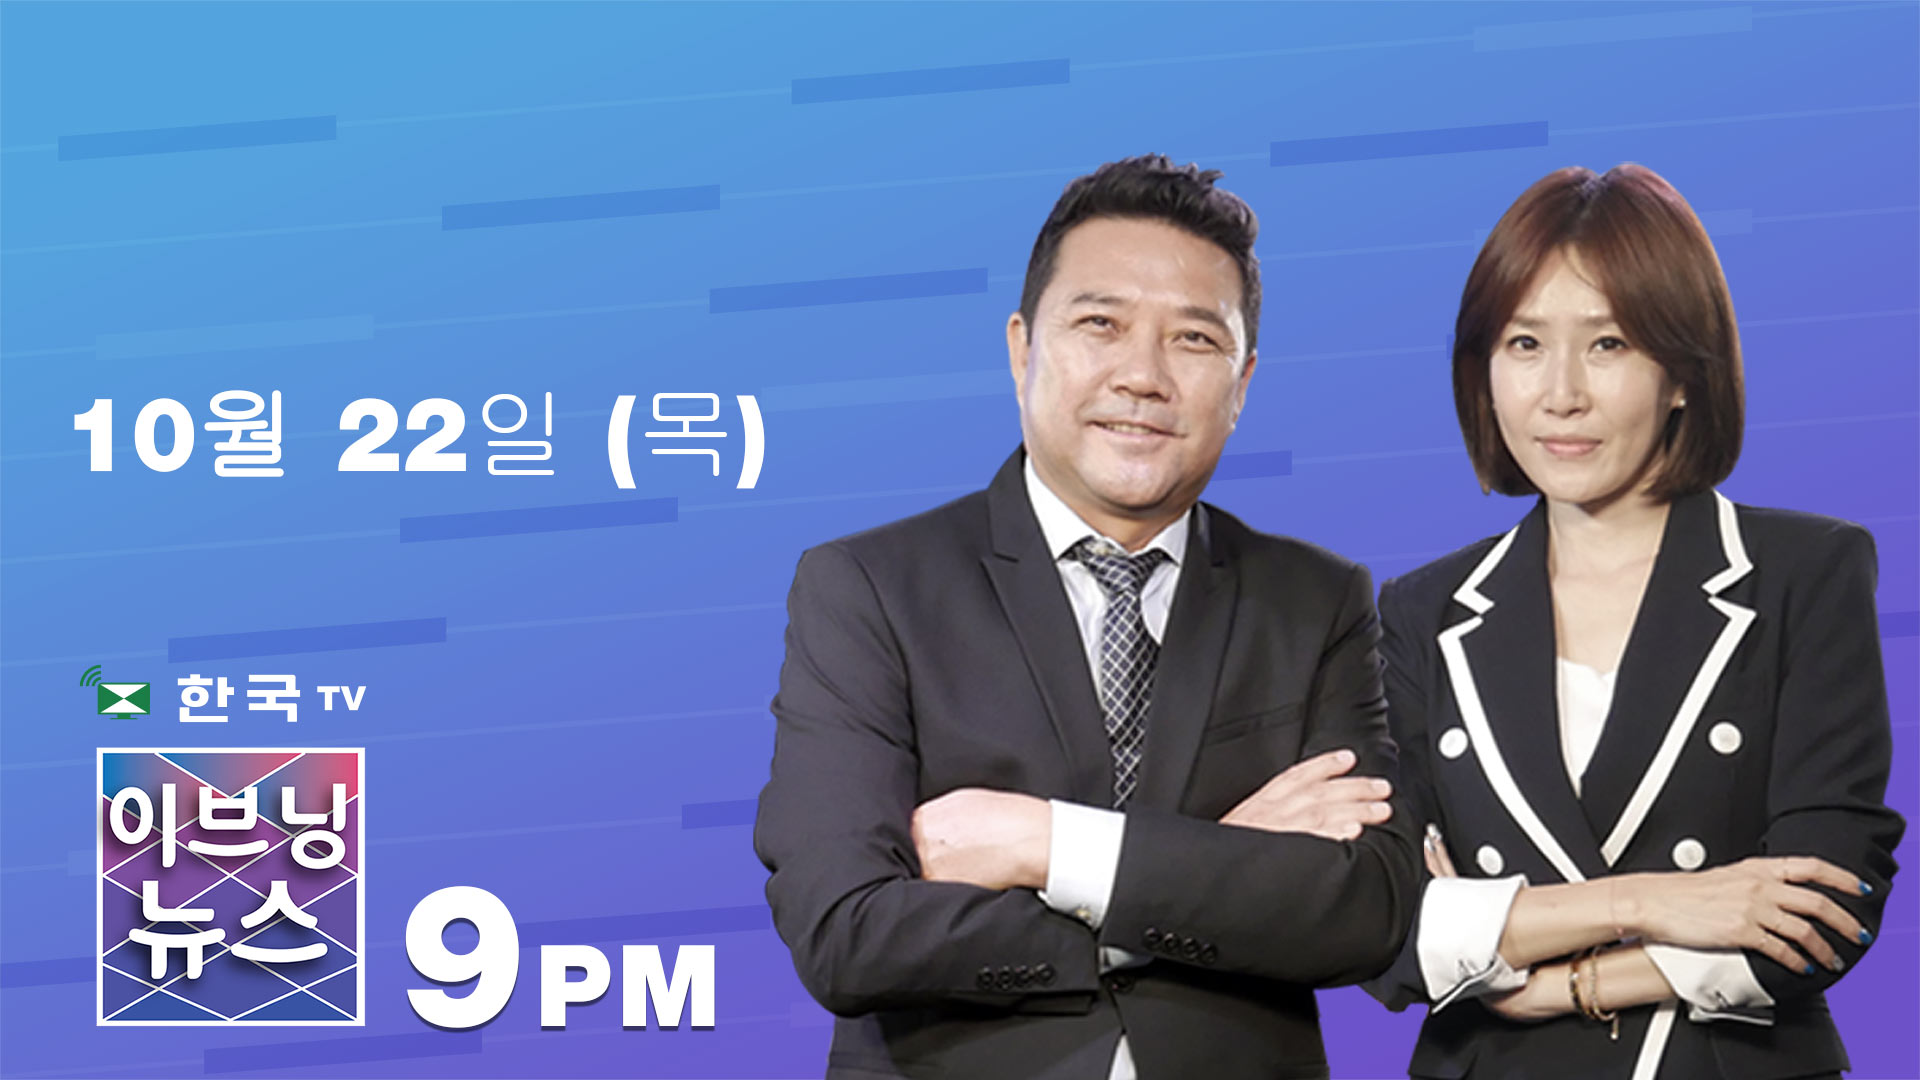 (10.22.2020) 한국TV 이브닝 뉴스